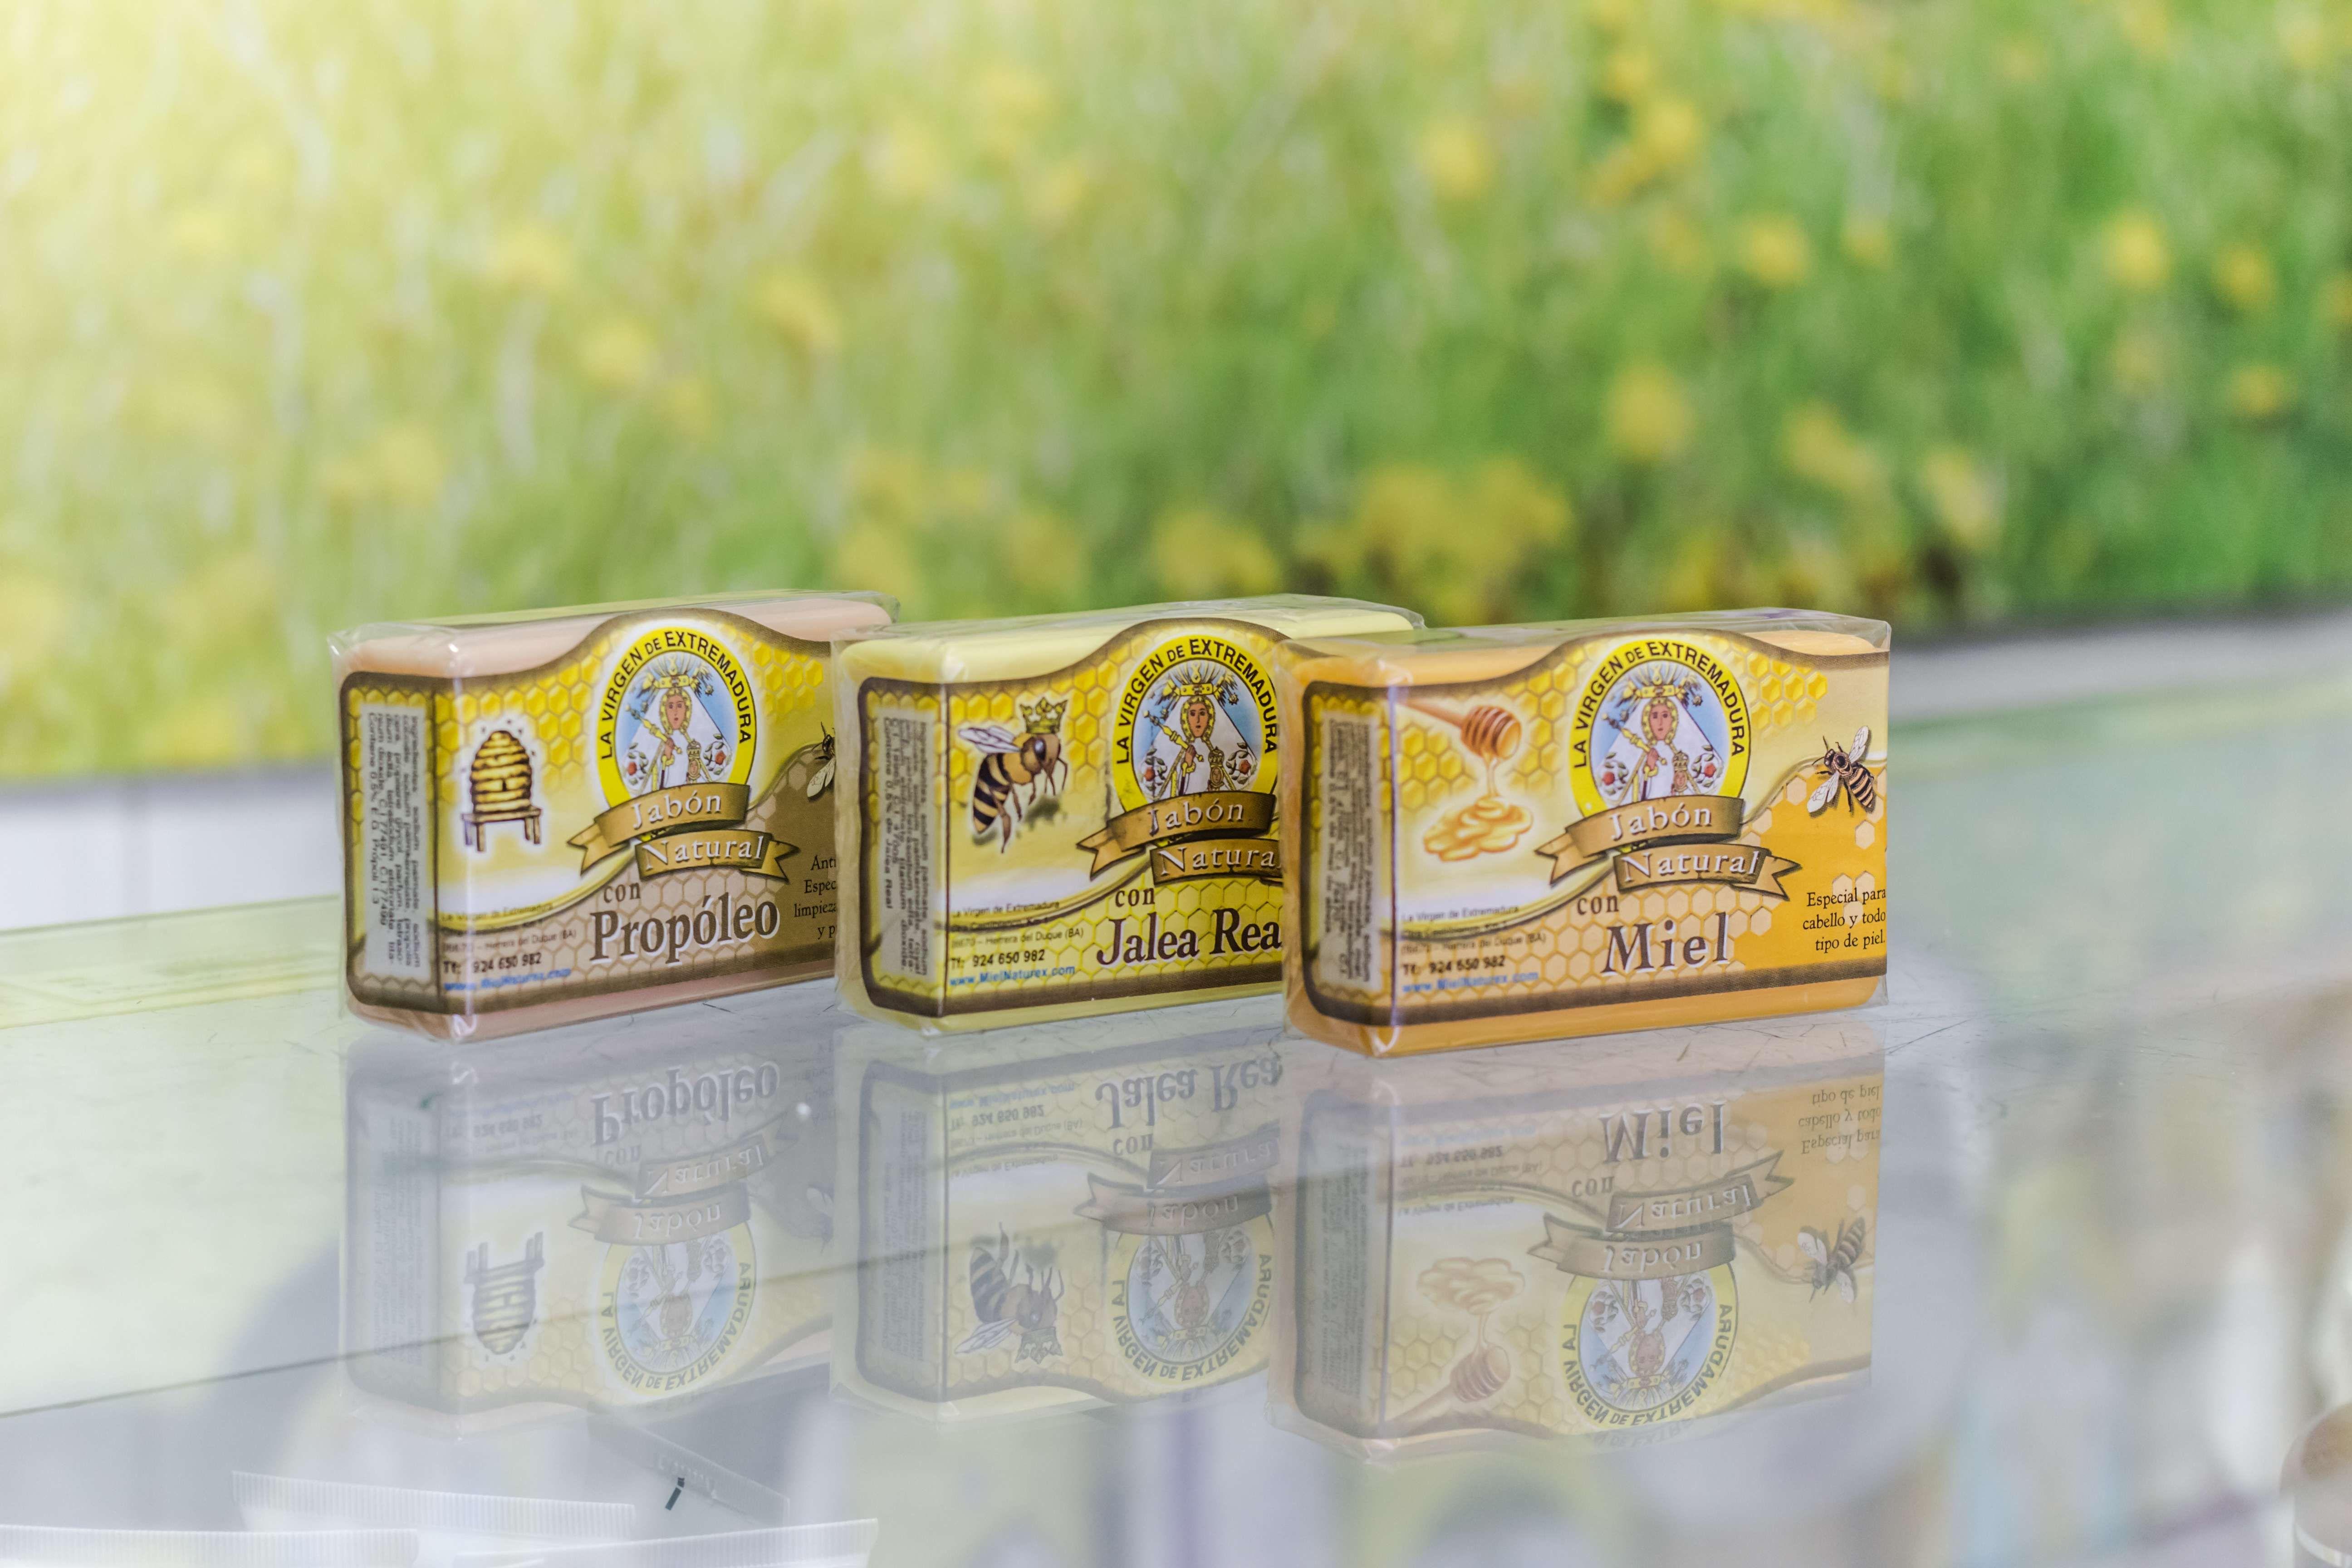 Foto 31 de Venta de miel, productos dietéticos y cosmética natural en Herrera del Duque | Miel Virgen de Extremadura